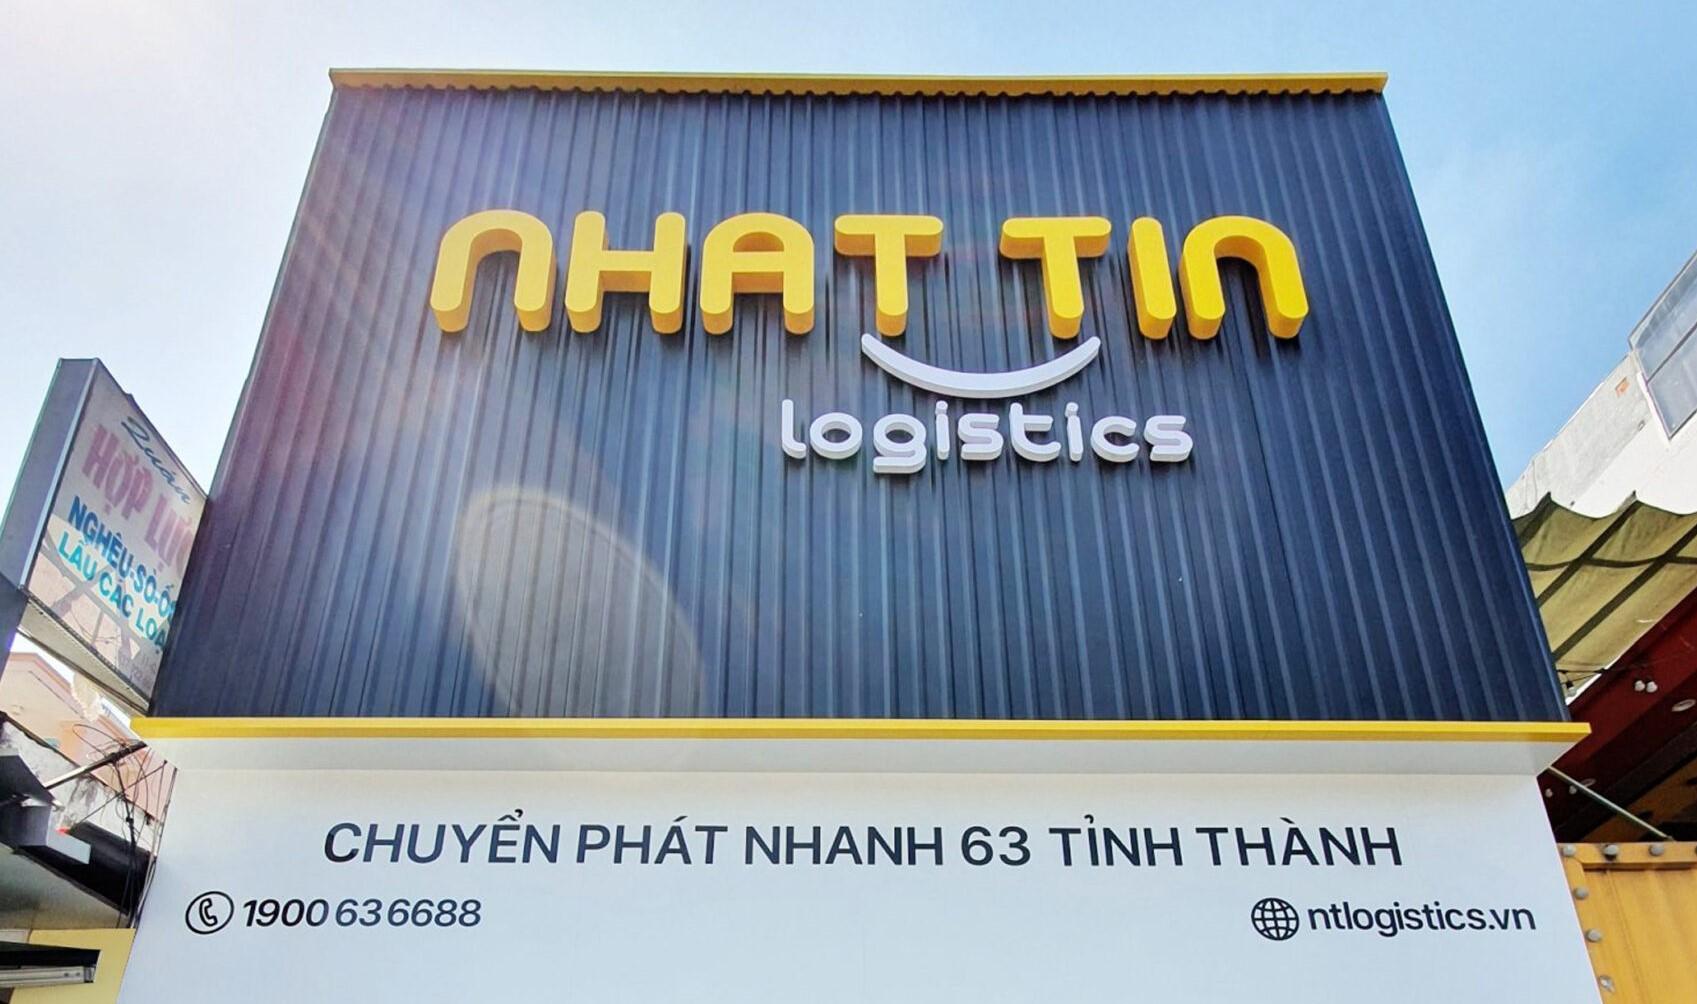 Công ty chuyển phát nhanh Nhất Tín Logistics - Bưu cục Bình Tân, 532 Kinh Dương Vương, khu phố 1, Phường An Lạc A, Bình Tân